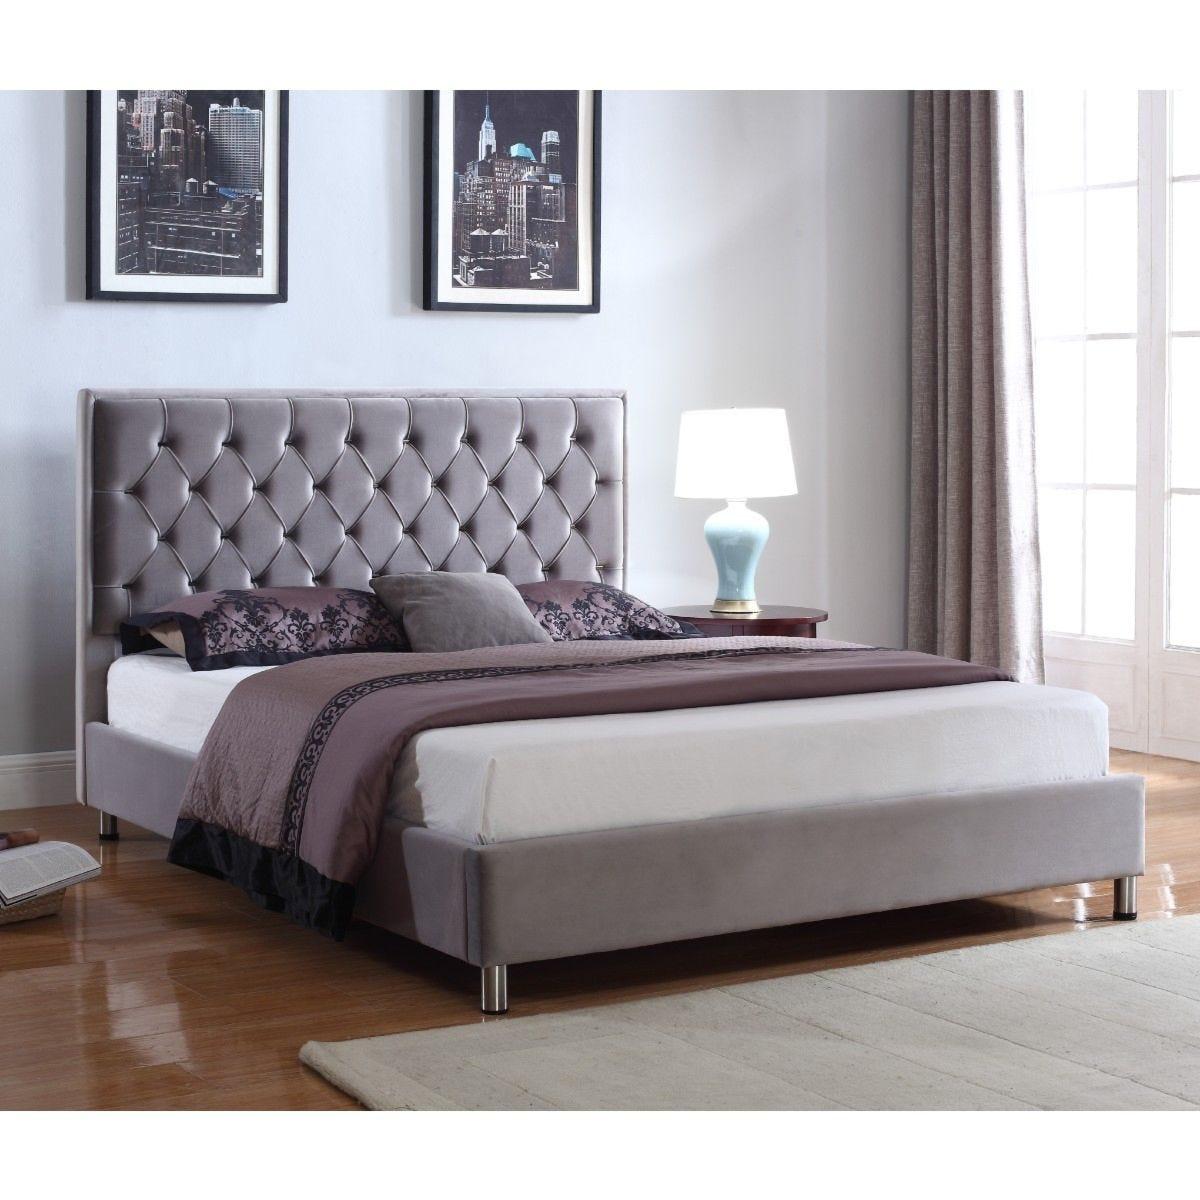 Izabel Velvet Double Bed Light Grey With Dark Grey Headboard Robert Dyas